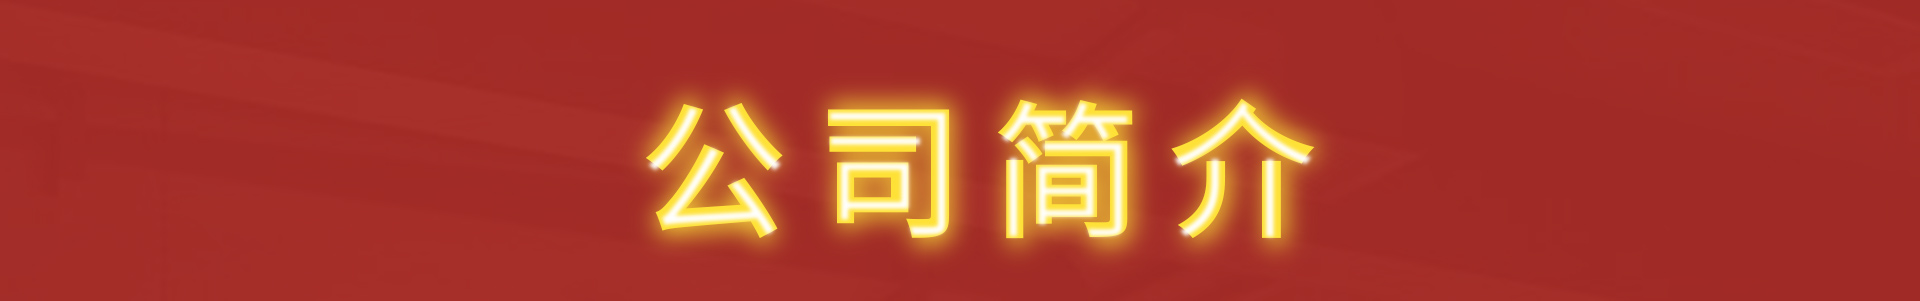 宽窄巷子火锅kzxz_10